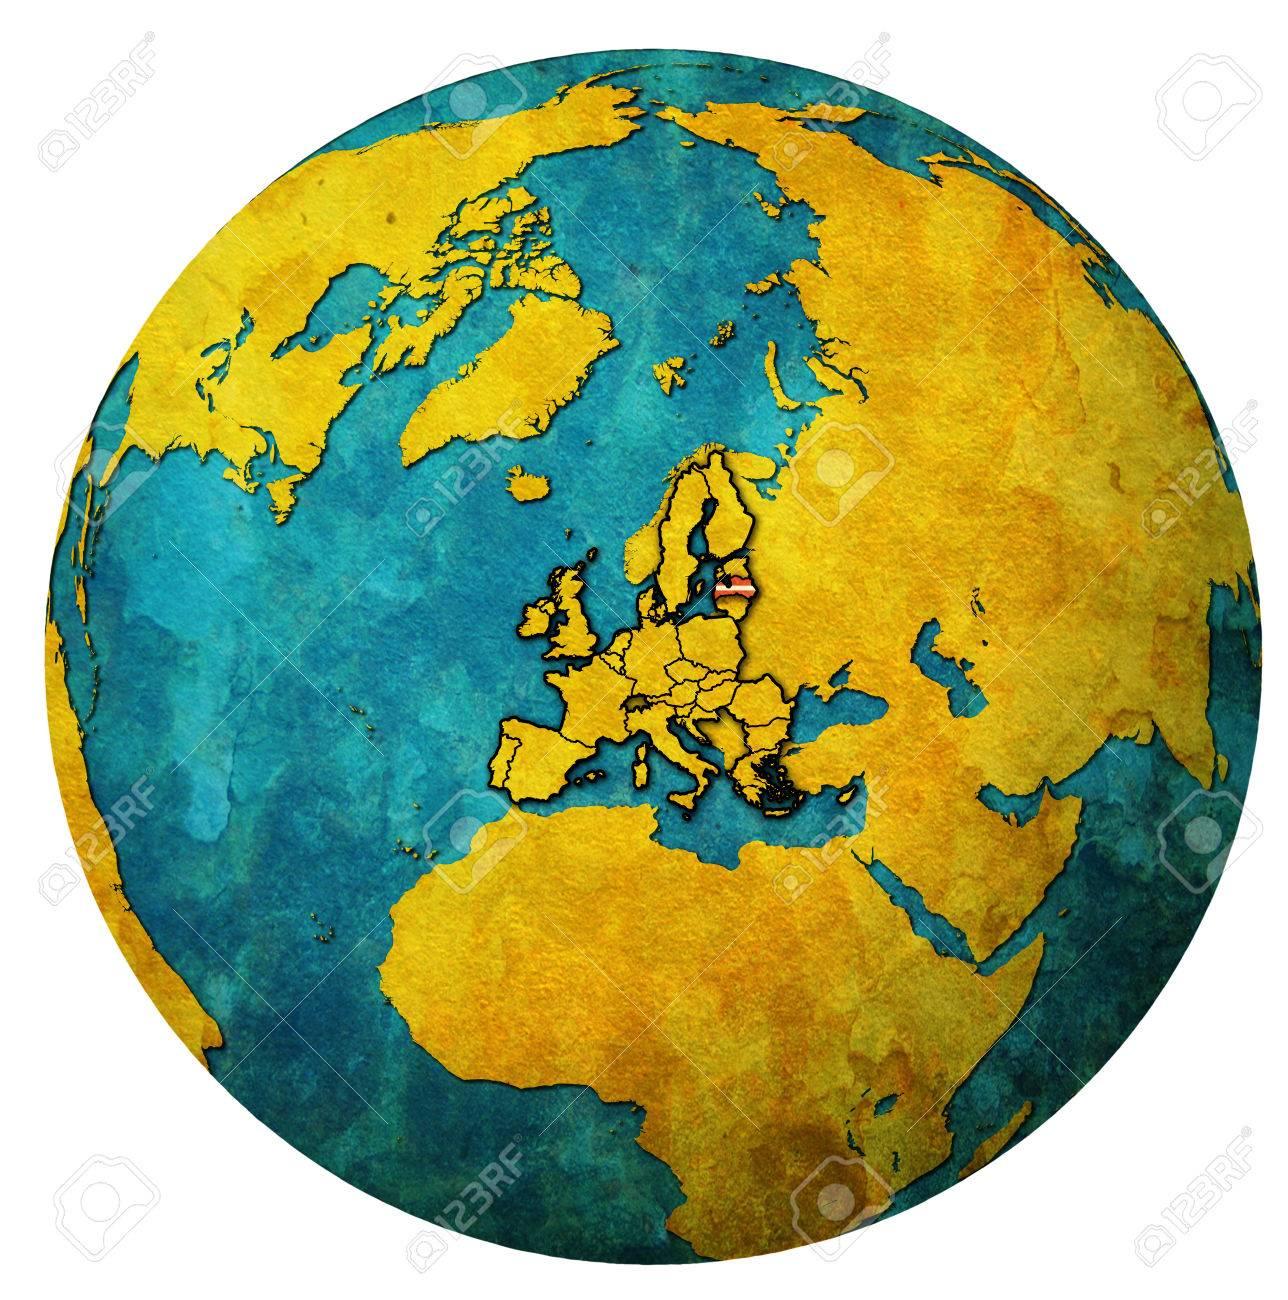 Lettonie, Emplacement, À, Drapeau National, Sur, Territoire, De, Union  Européenne, Pays Membres, Sur, Globe, Carte, Isolé, Sur, Blanc concernant Carte Des Pays Membres De L Ue